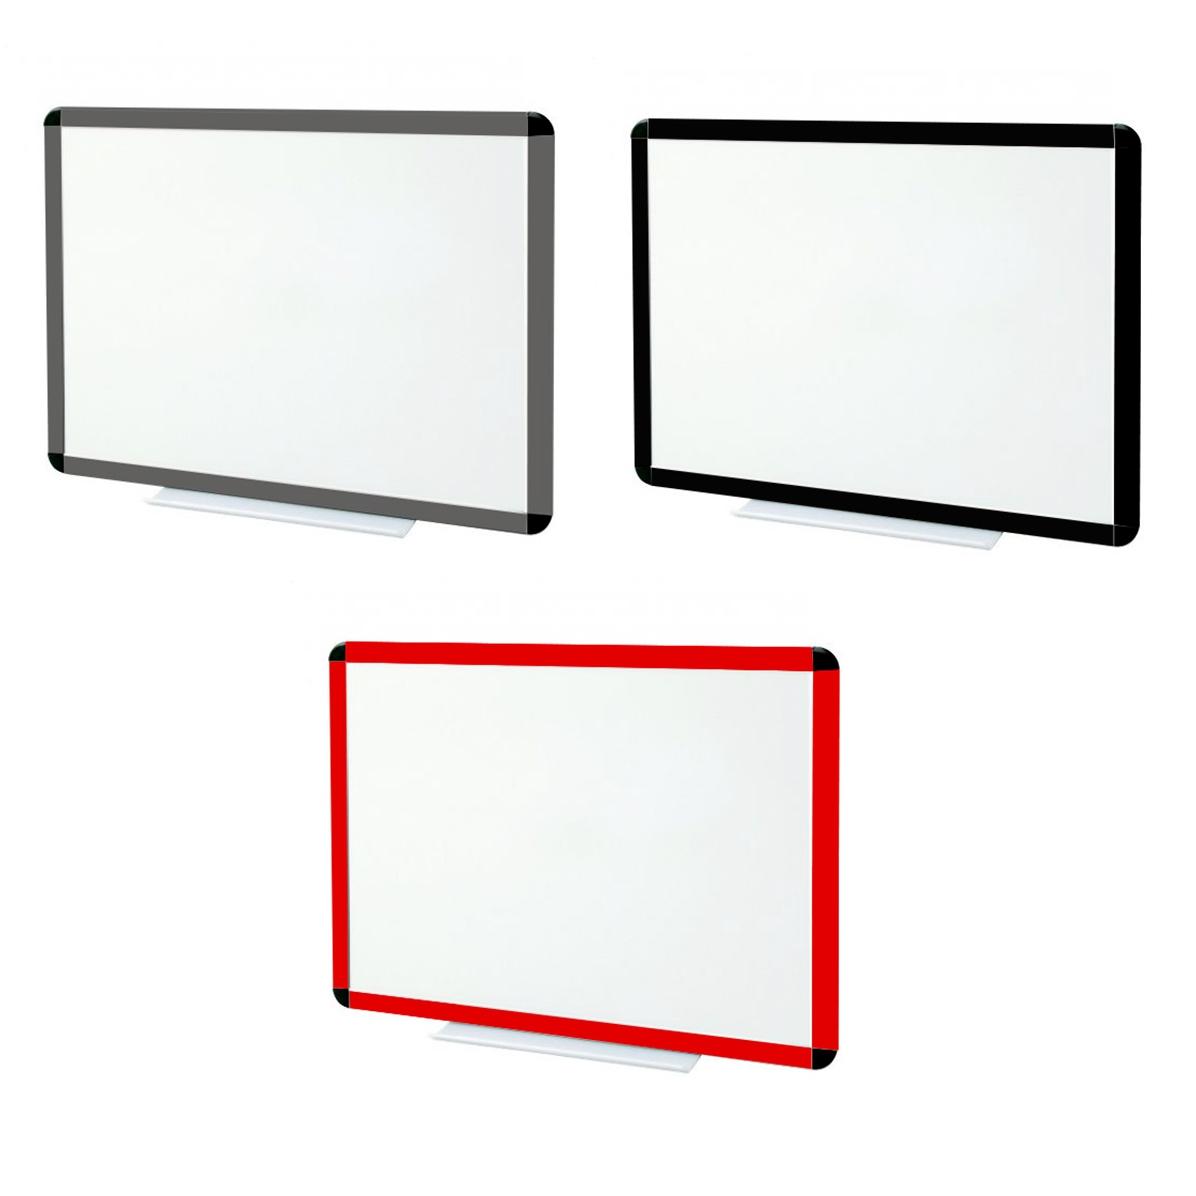 Tableau blanc émaillé - format 900 x 600 mm